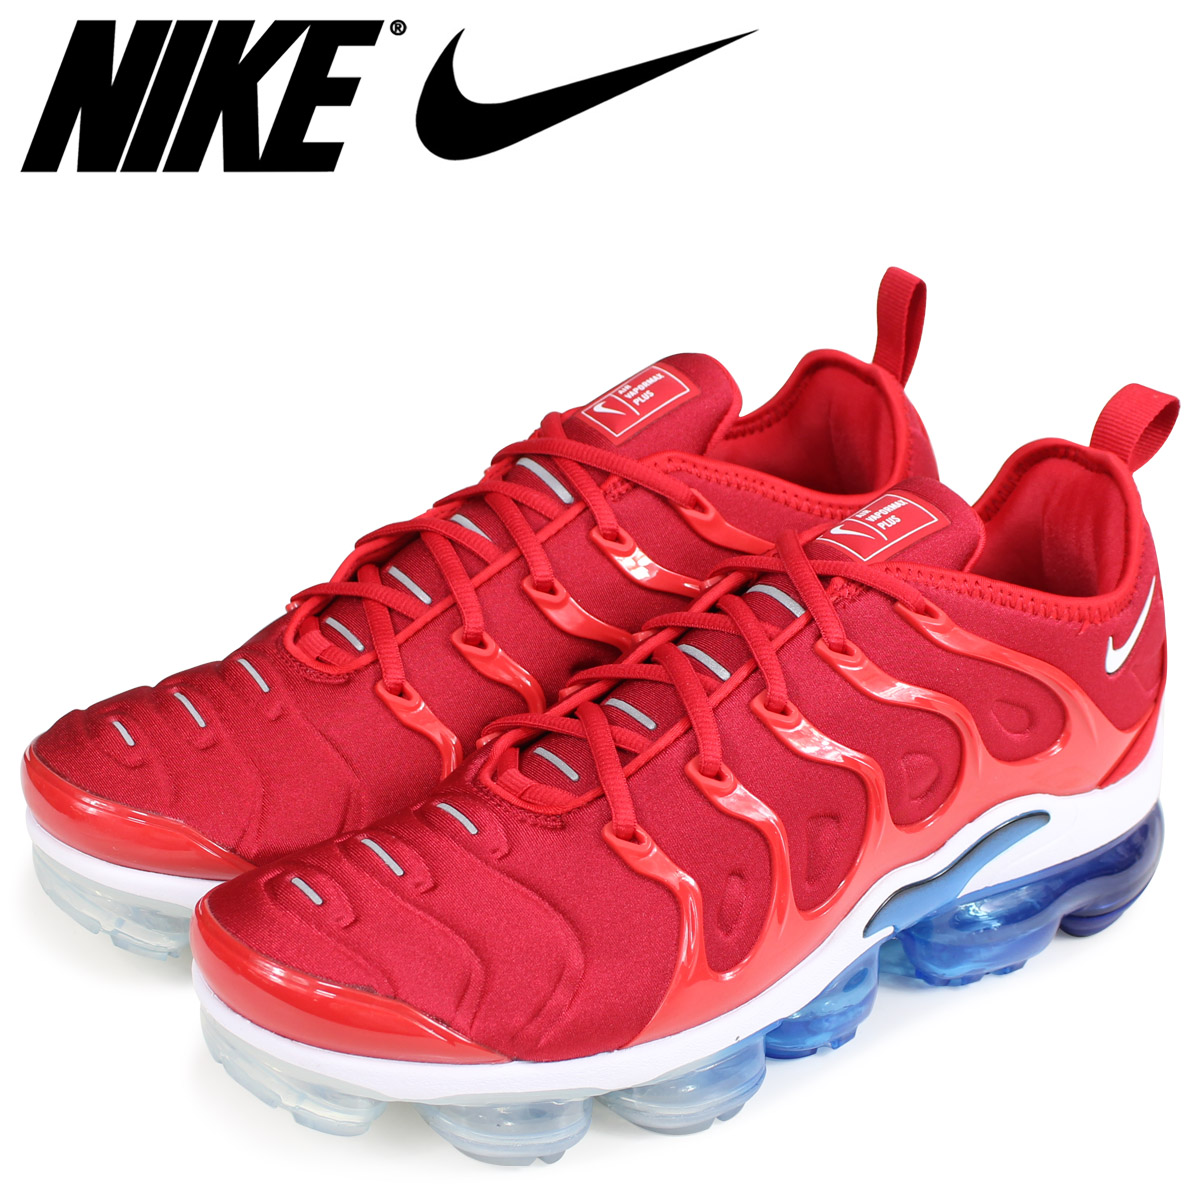 buy online 11606 c960e NIKE Nike air vapor max plus sneakers men AIR VAPORMAX PLUS 924,453-601 red  red